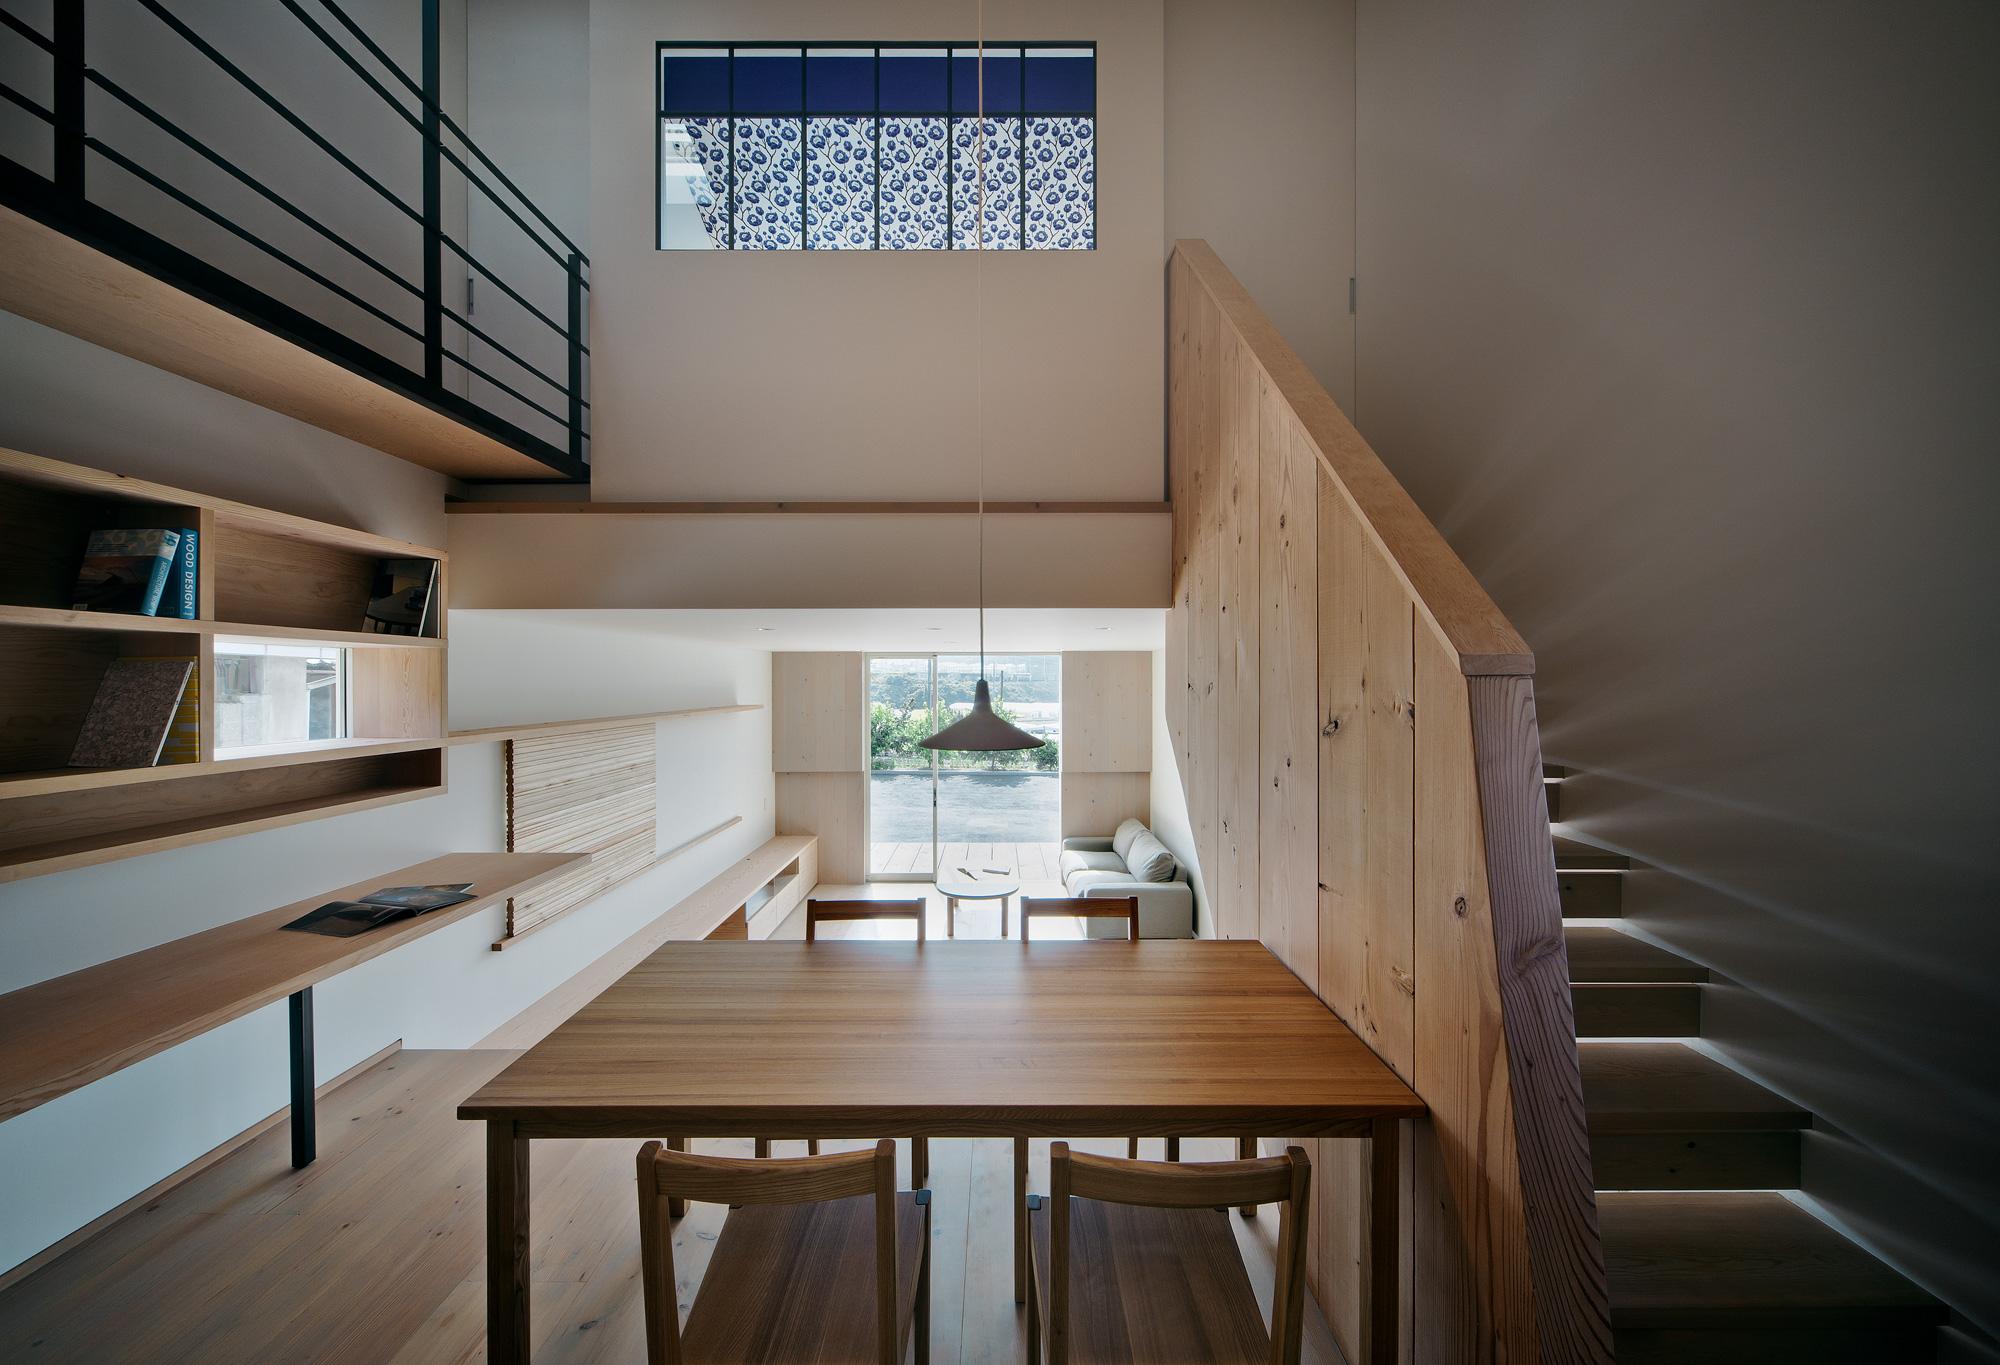 キッチンから吹き抜け/LDKを望む: 1階は敷地の勾配をいかし、700mmの高低差をつけています。キッチンに立つと、ダイニングルームやリビングルーム、吹き抜け越しの寝室と、空間のすべてを一望することができます